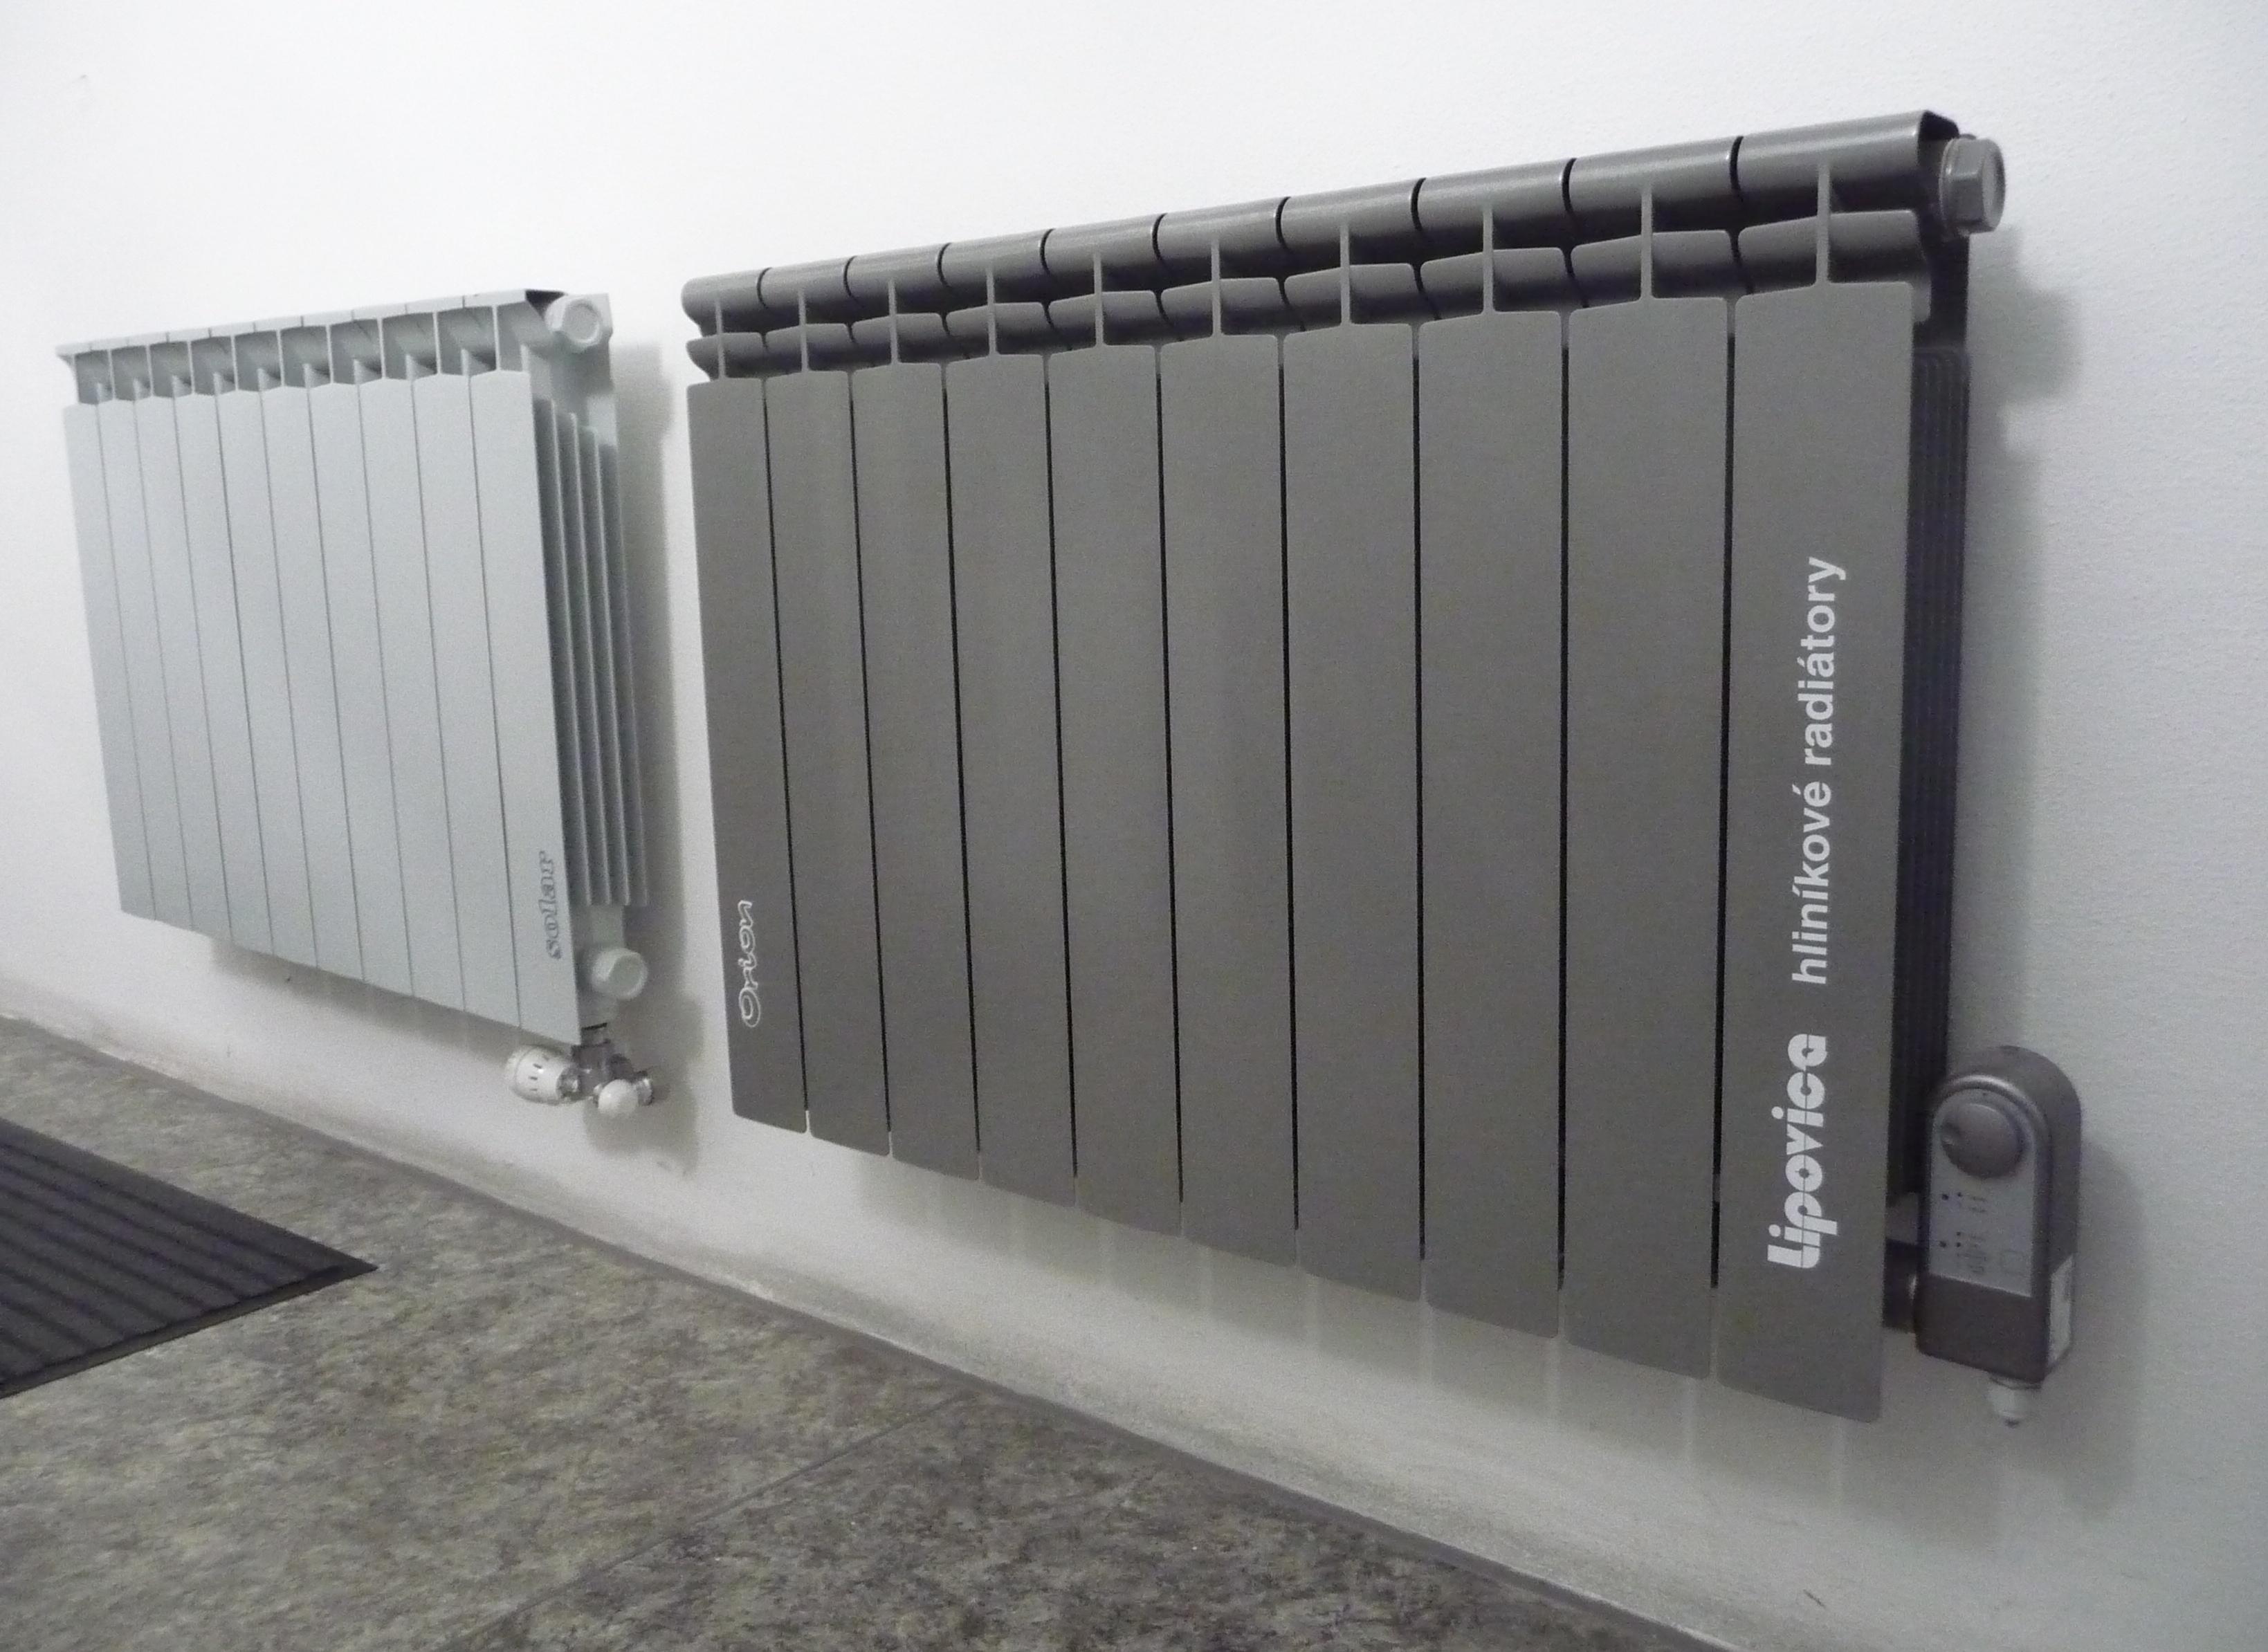 Radiatori In Alluminio O Acciaio termosifoni: come sceglierli in base a materiale e modello